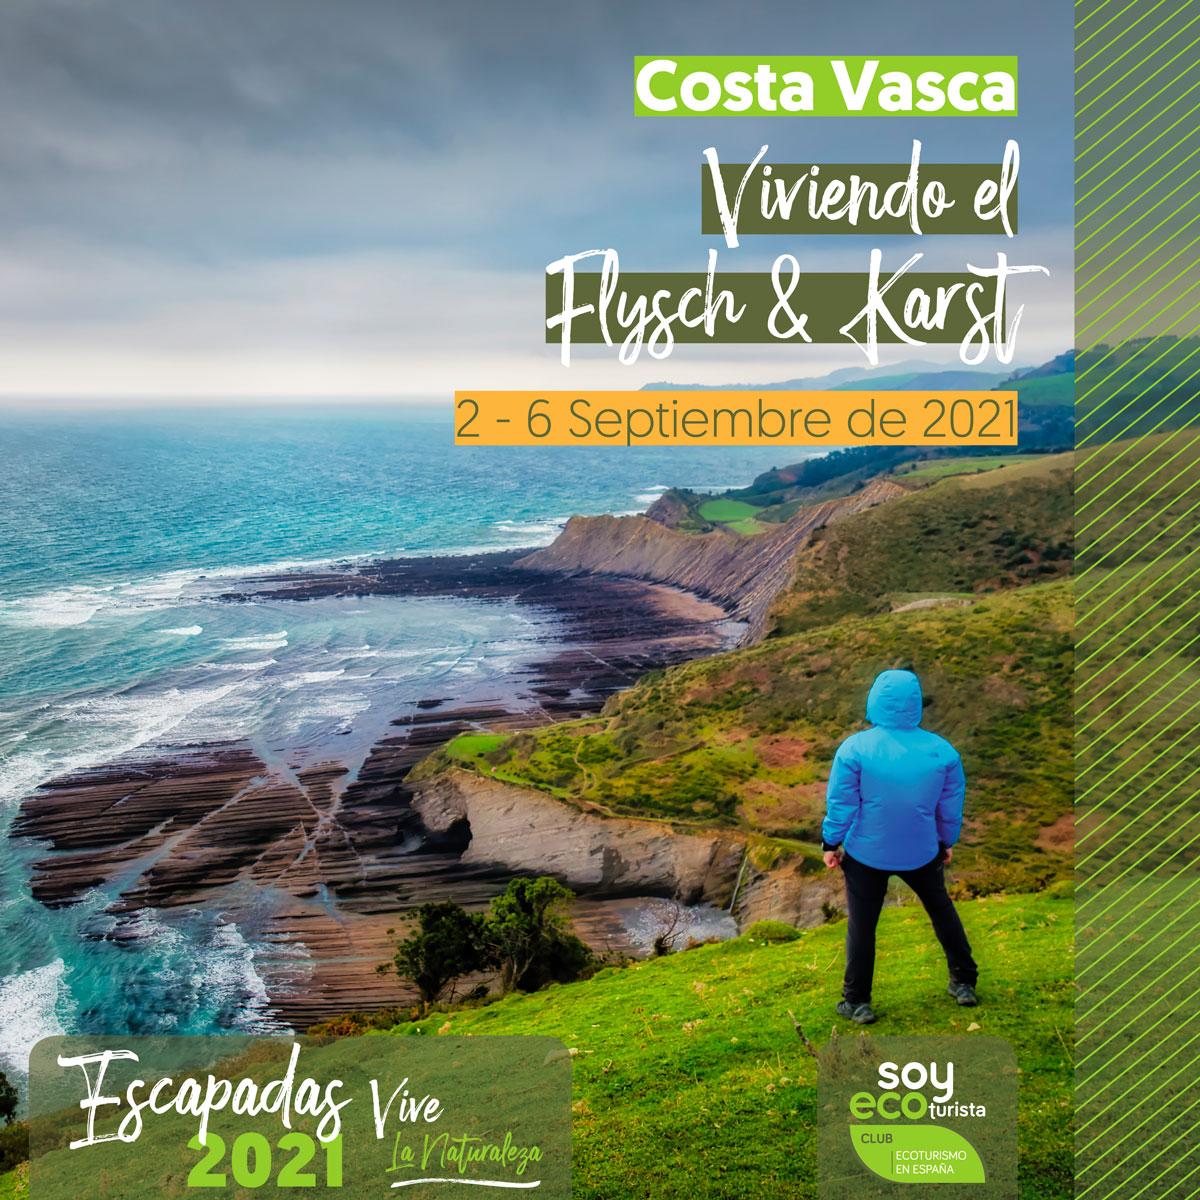 visita la costa vasca desde el lado del ecoturismo